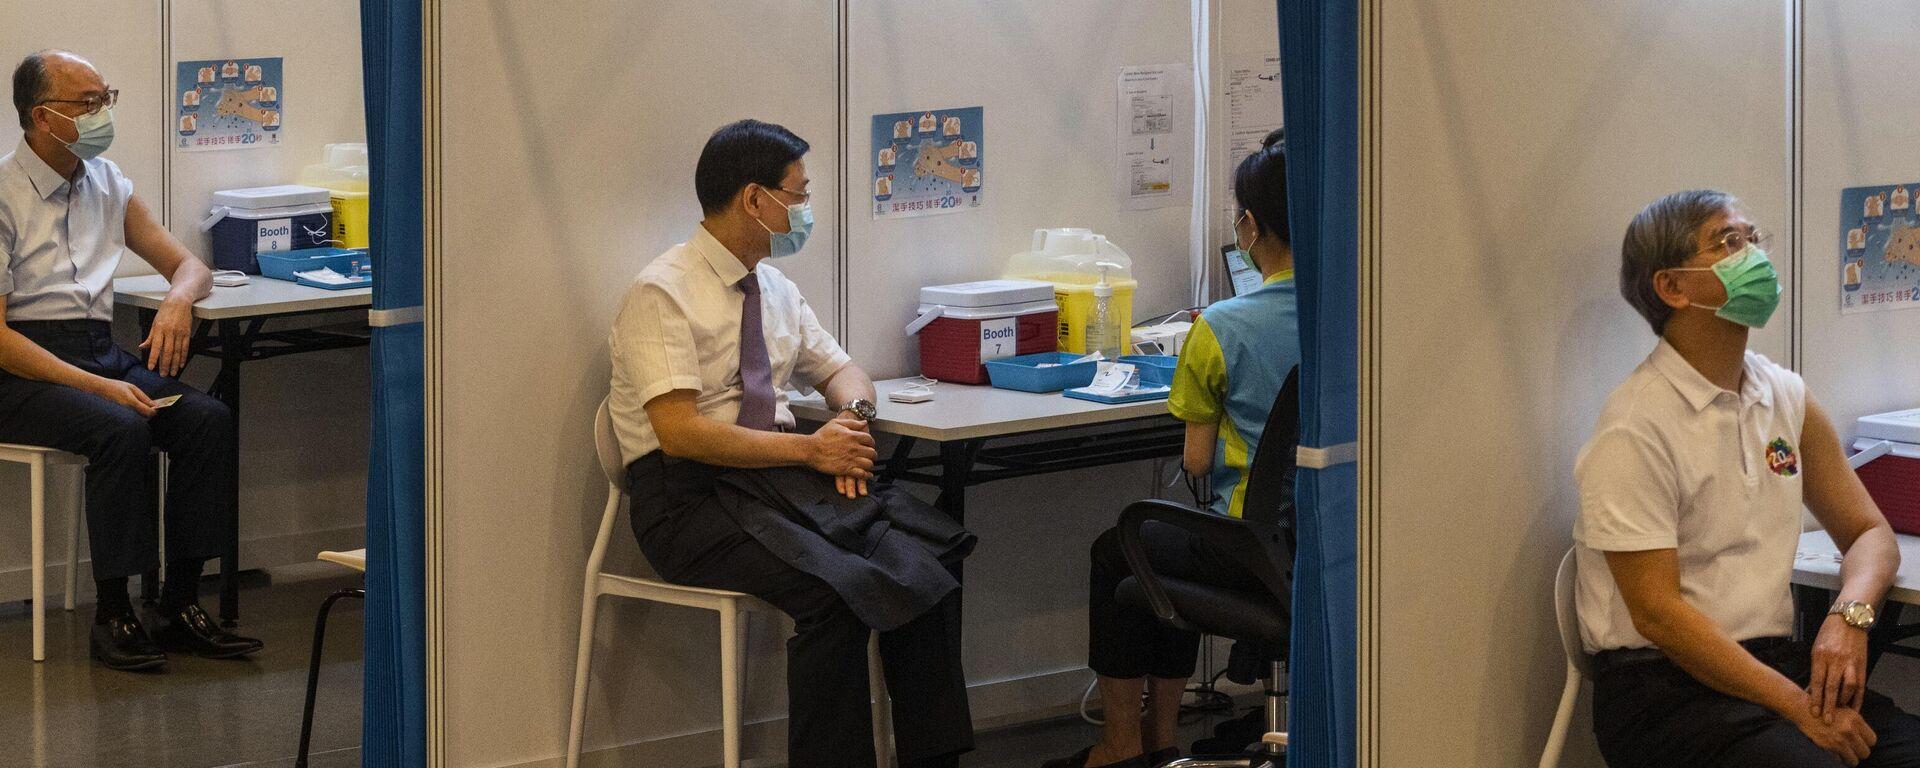 Mitglieder der Hongkong-Regierung lassen sich mit CoronaVac-Impfstoff spritzen. Februar 2021 - SNA, 1920, 01.06.2021